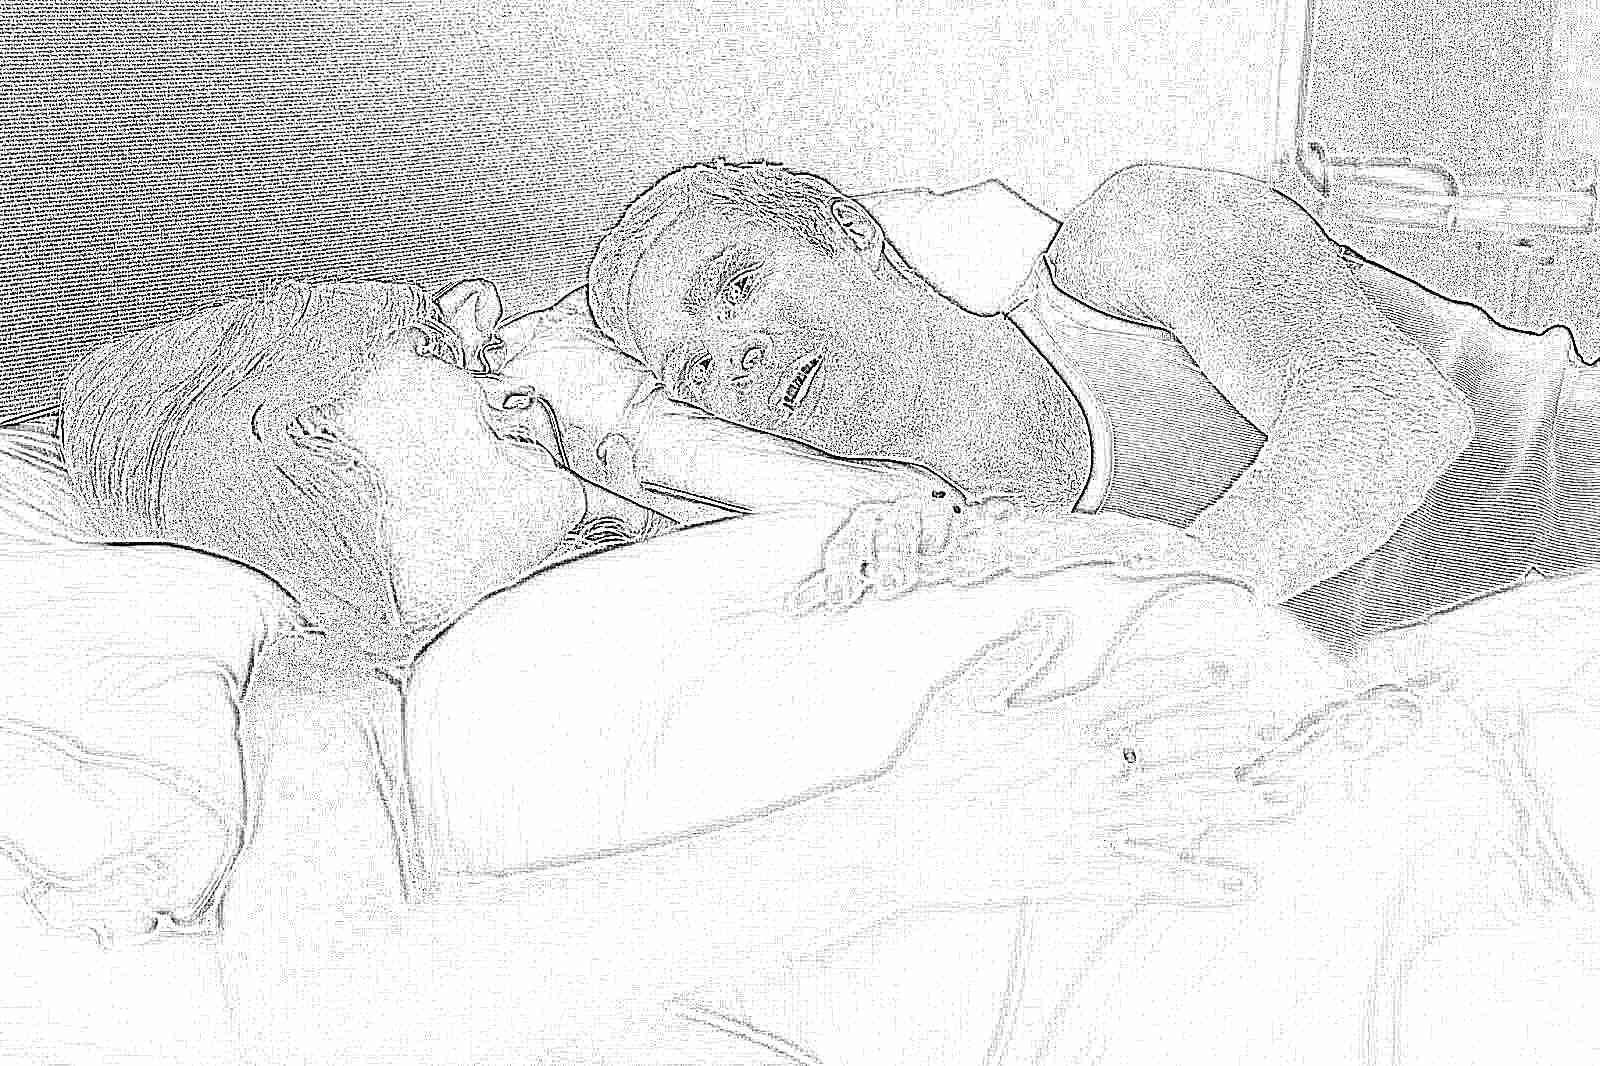 Трахает и делает больно, Порно Больно -видео. Смотреть порно онлайн! 10 фотография